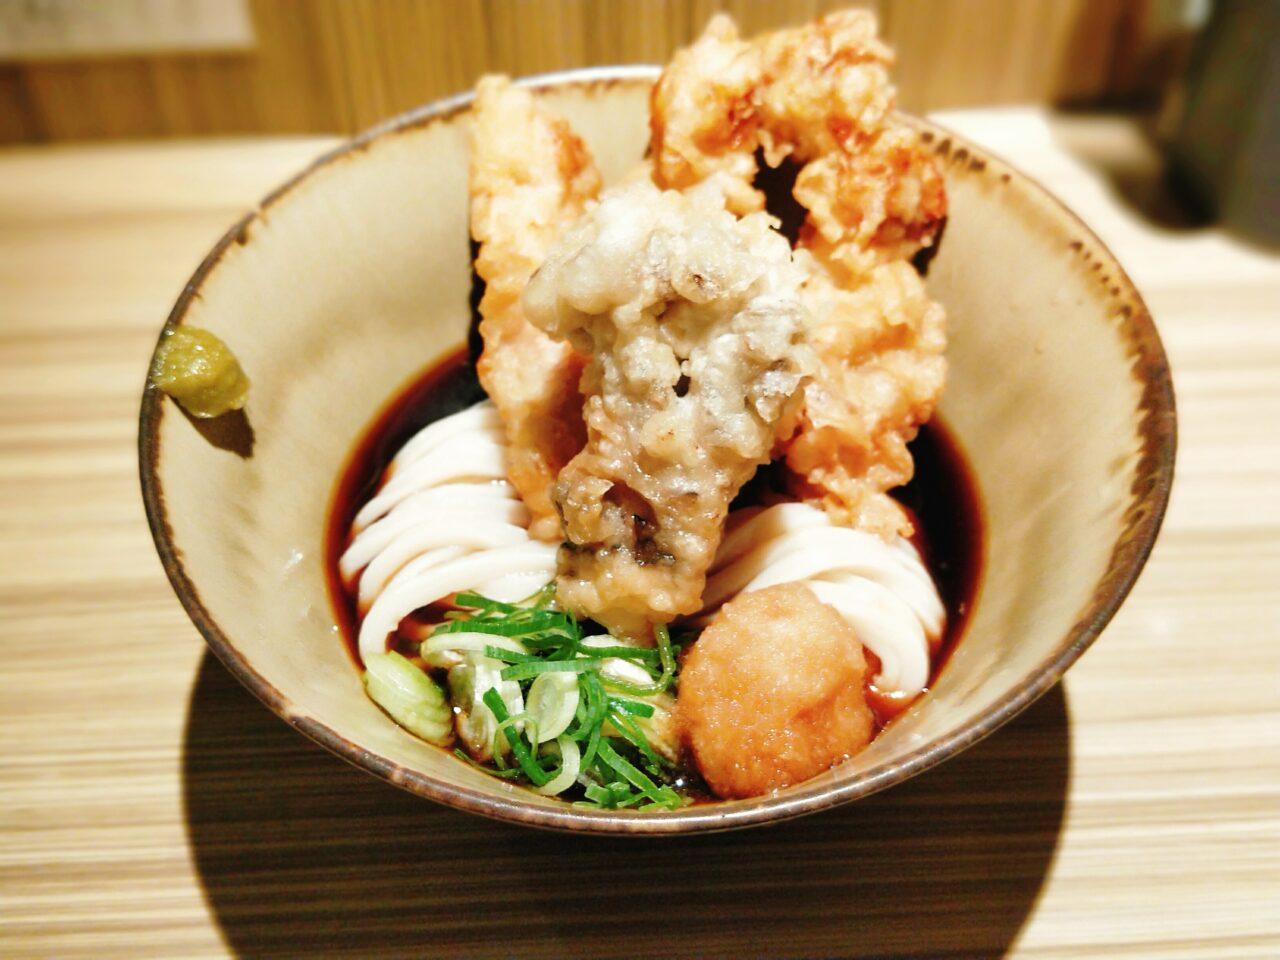 本町製麺所 本店(堺筋本町駅・うどん)